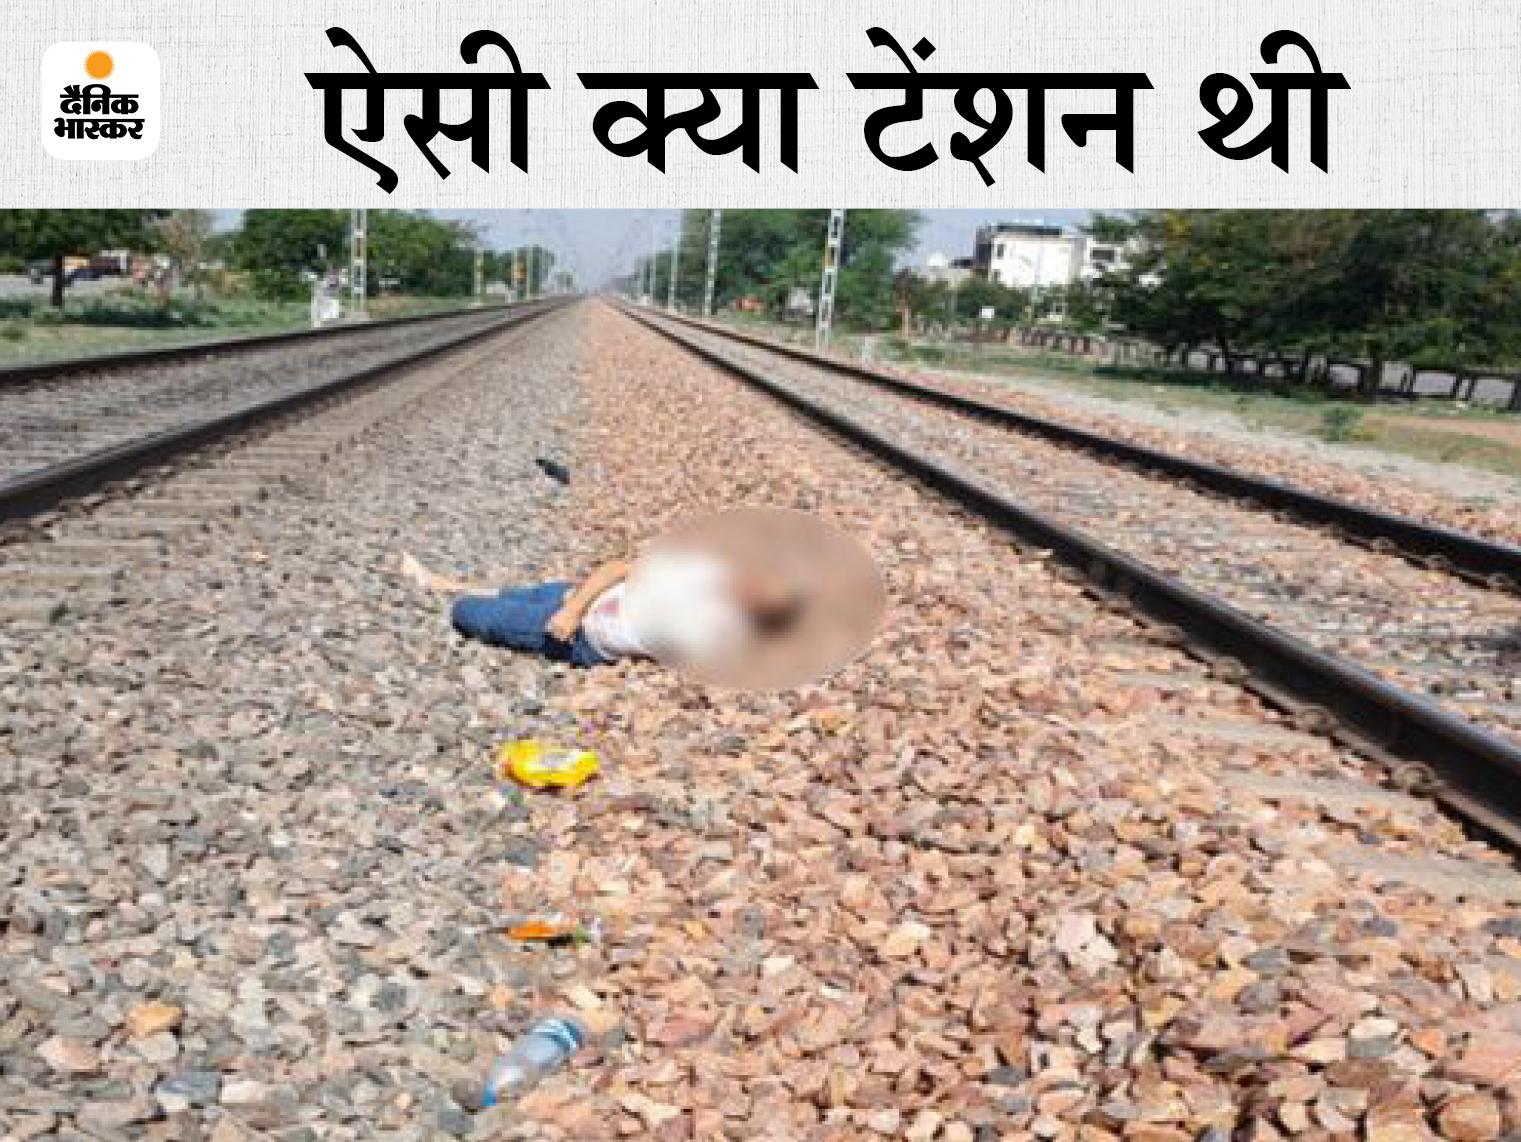 मार्निंग वॉक पर जाने की बात कहकर घर से निकले, फिर ट्रेन के आगे कूदकर जान दी; सुसाइड नोट में लिखा- मैं मानसिक अवसाद में हूं जयपुर,Jaipur - Dainik Bhaskar